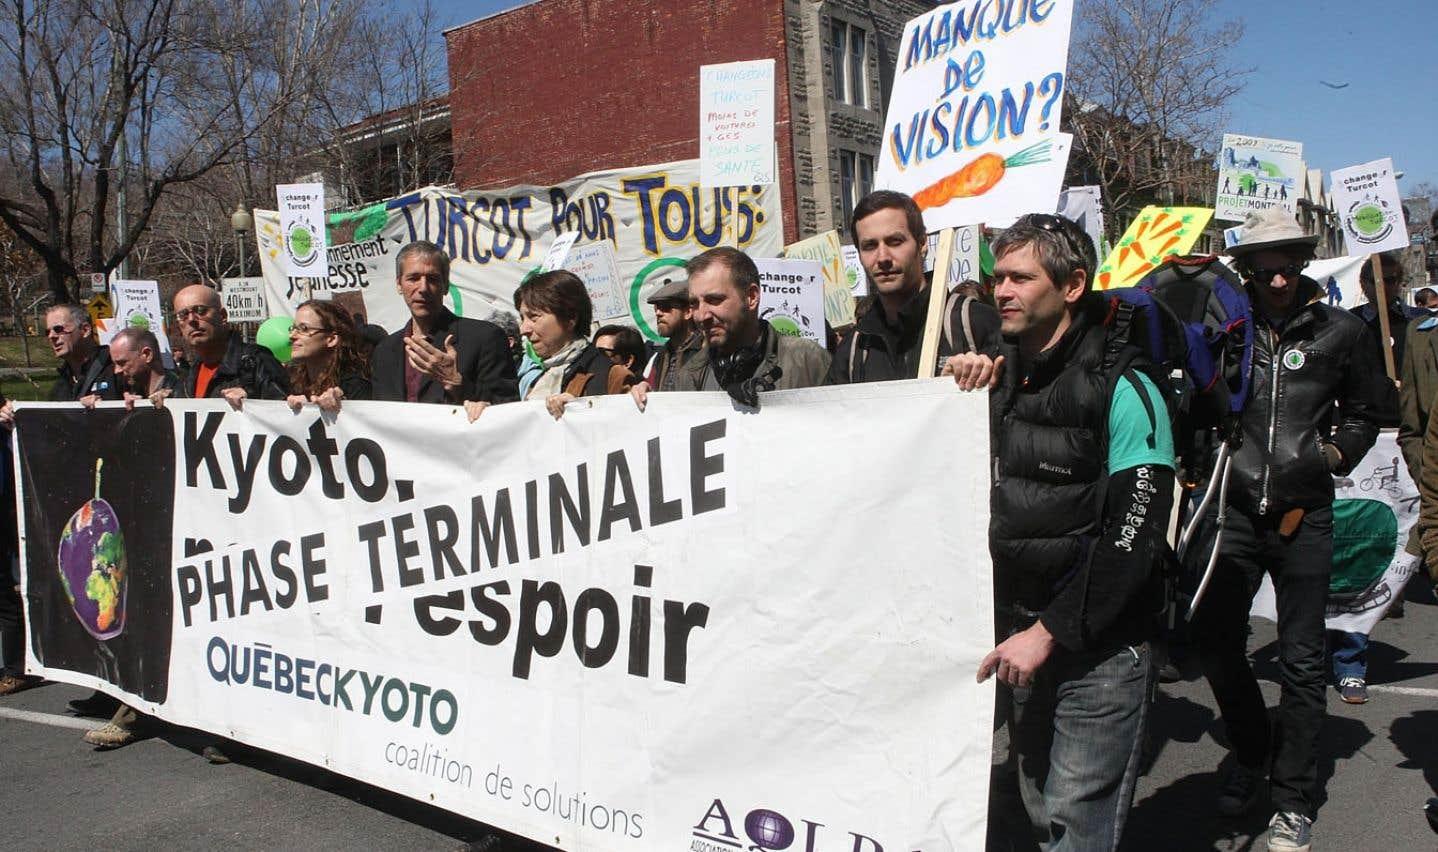 Les nouveaux mouvements sociaux économiques, comme celui des écologistes, ne s'adressent plus seulement à l'État et à la société civile, mais aussi aux acteurs économiques.